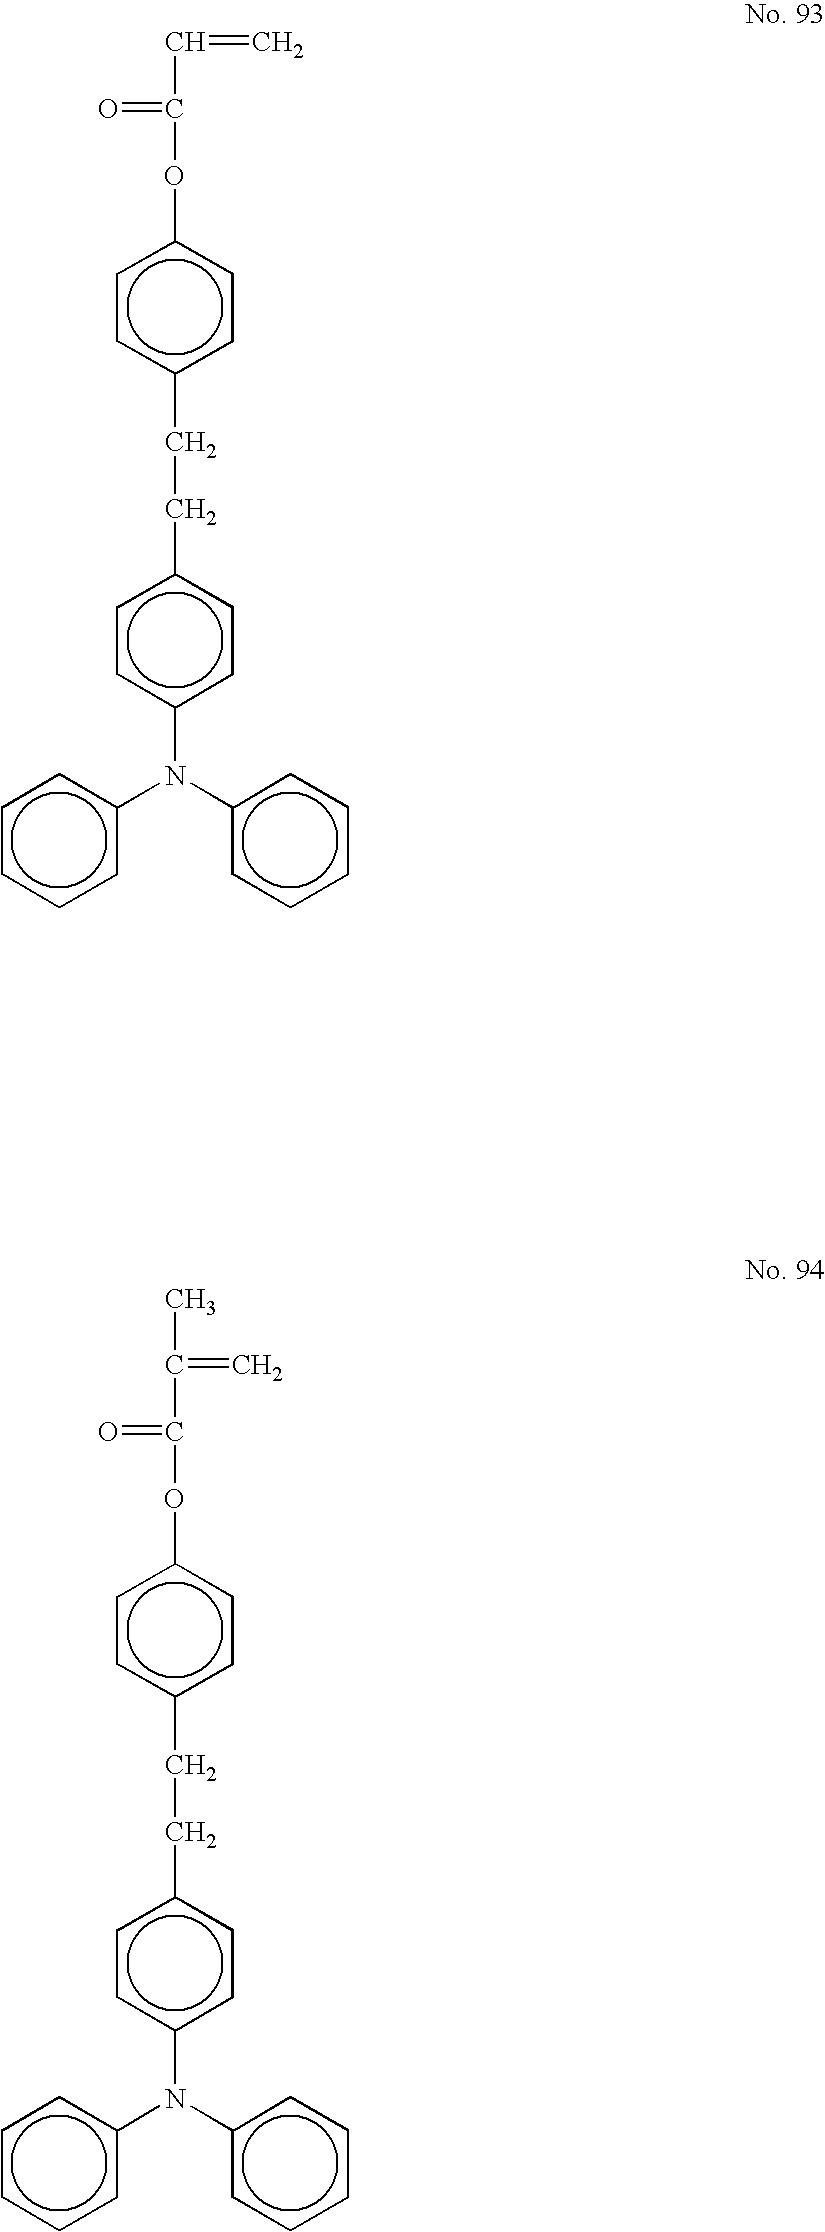 Figure US20060177749A1-20060810-C00047